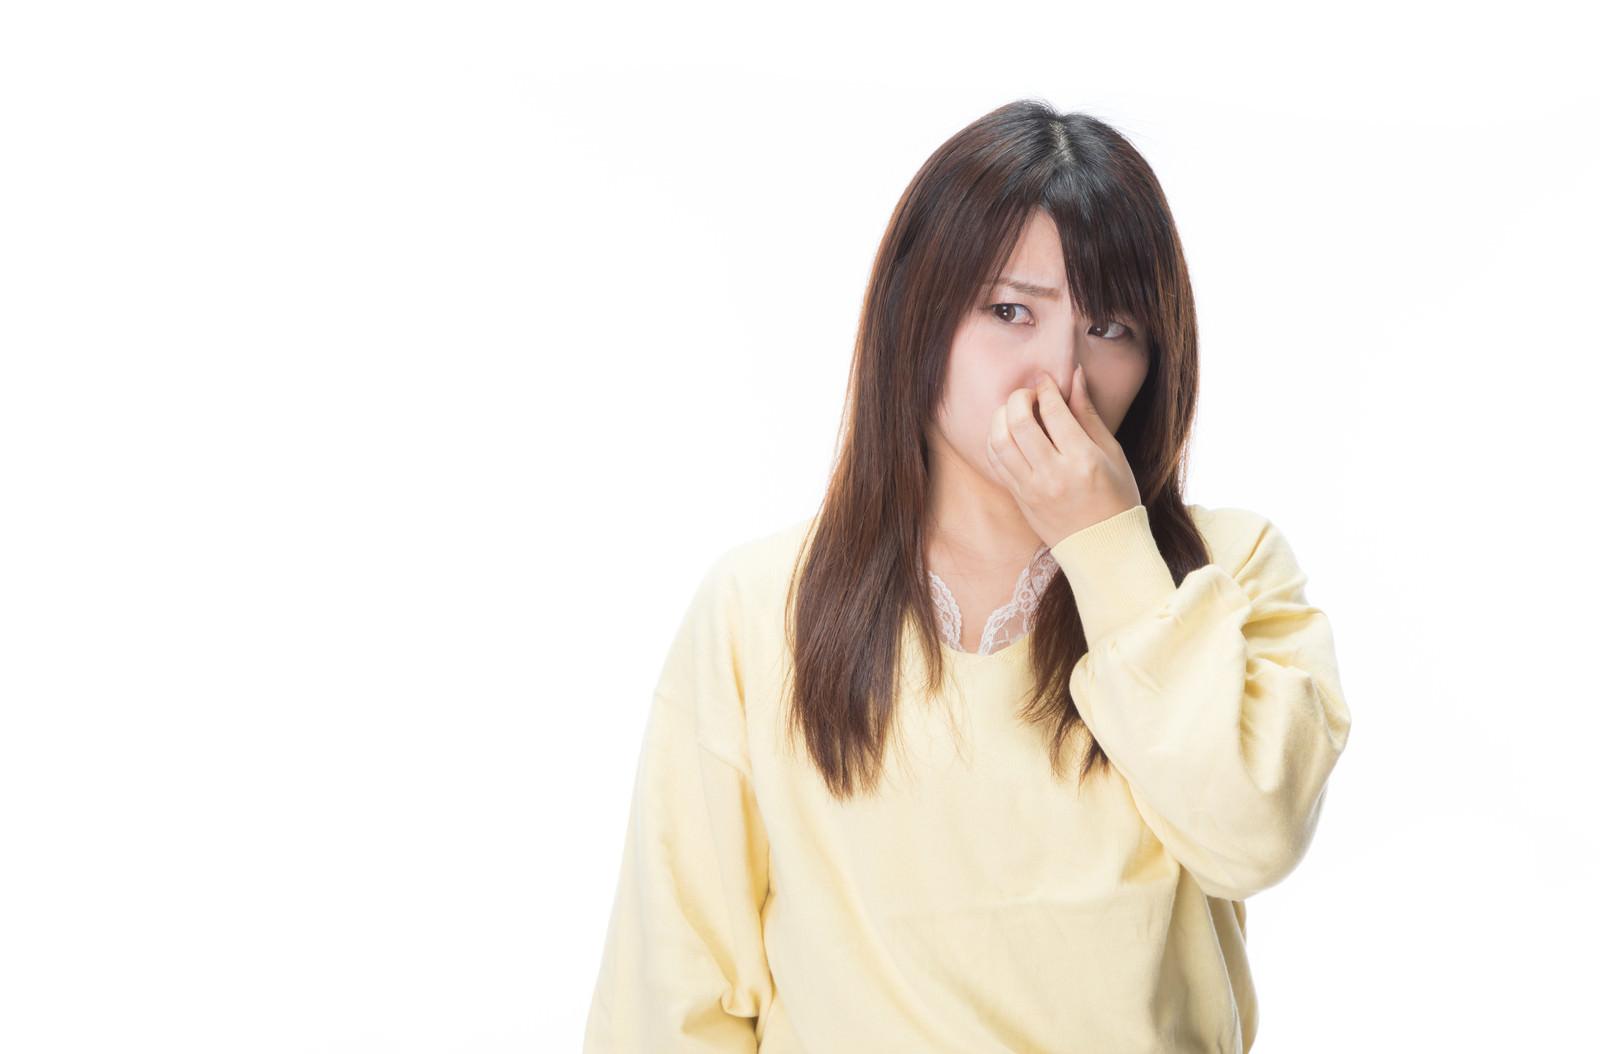 「体臭きついんで近寄らないでくれませんか?的な女性」の写真[モデル:Lala]